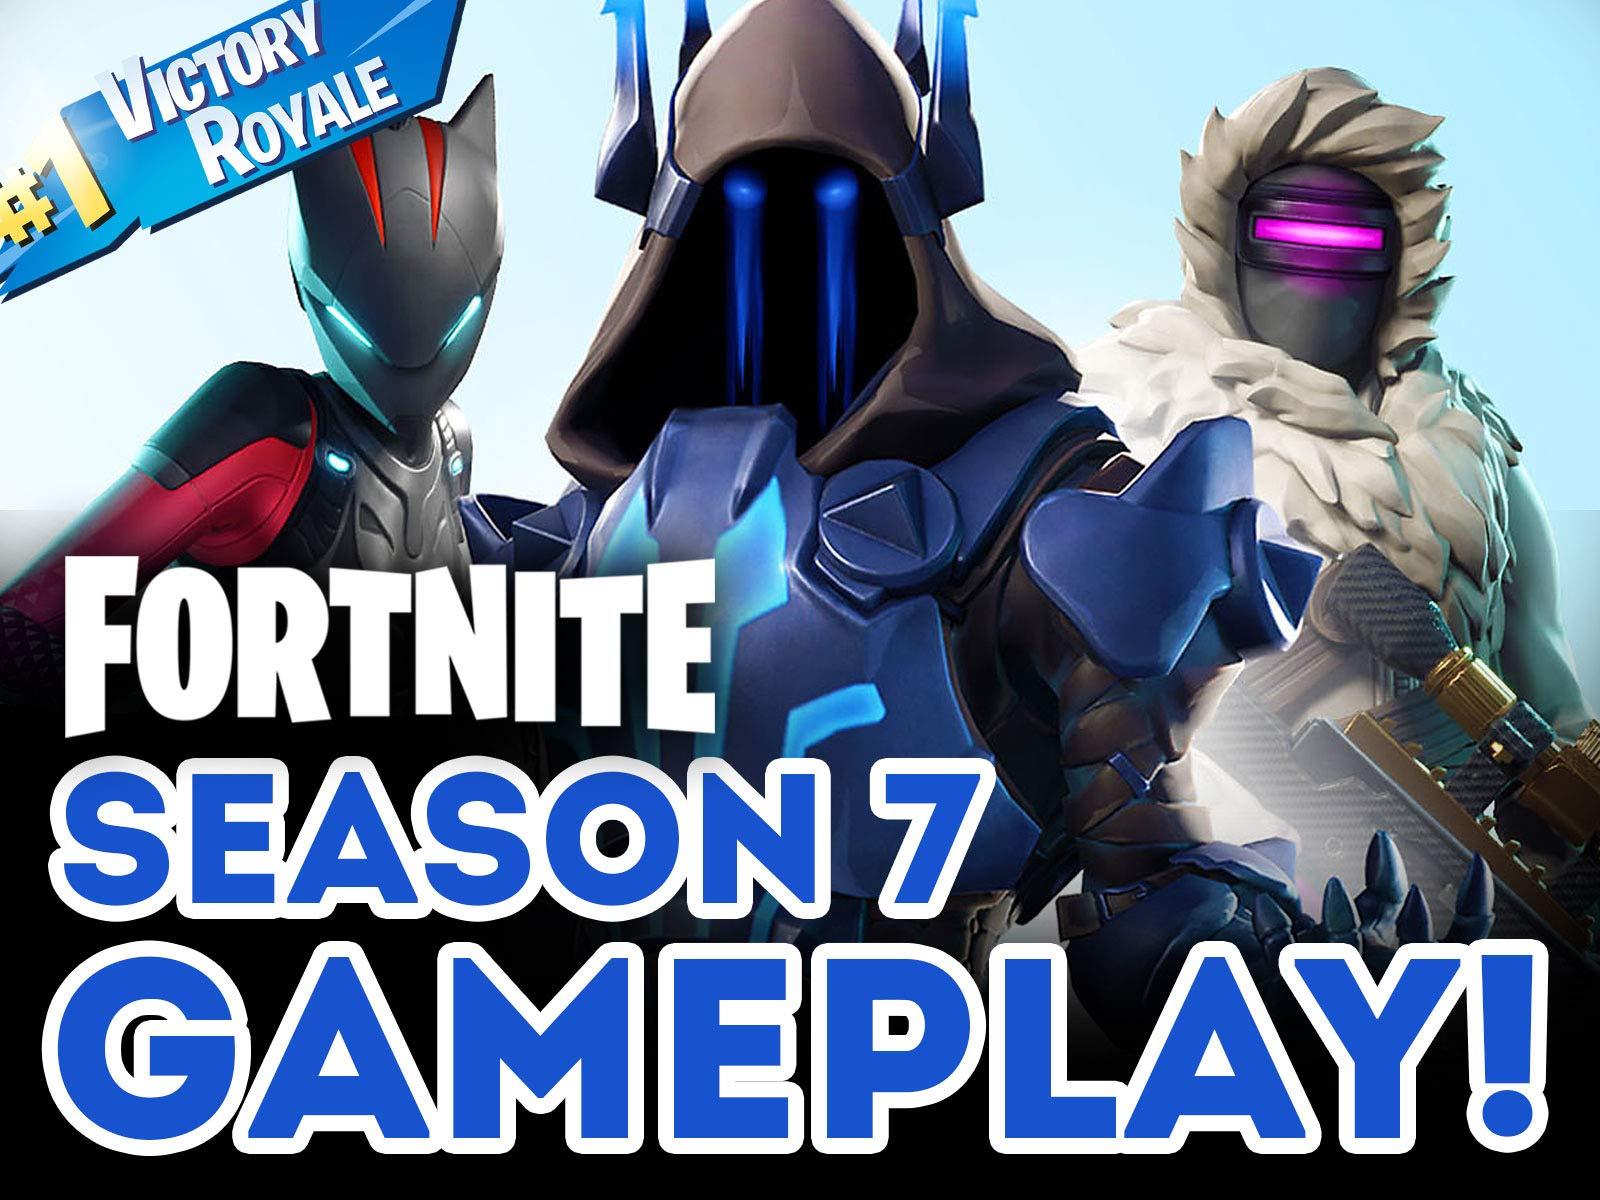 Amazon.com: Fortnite Battle Royale Gameplay: Fortnite Gamer ...